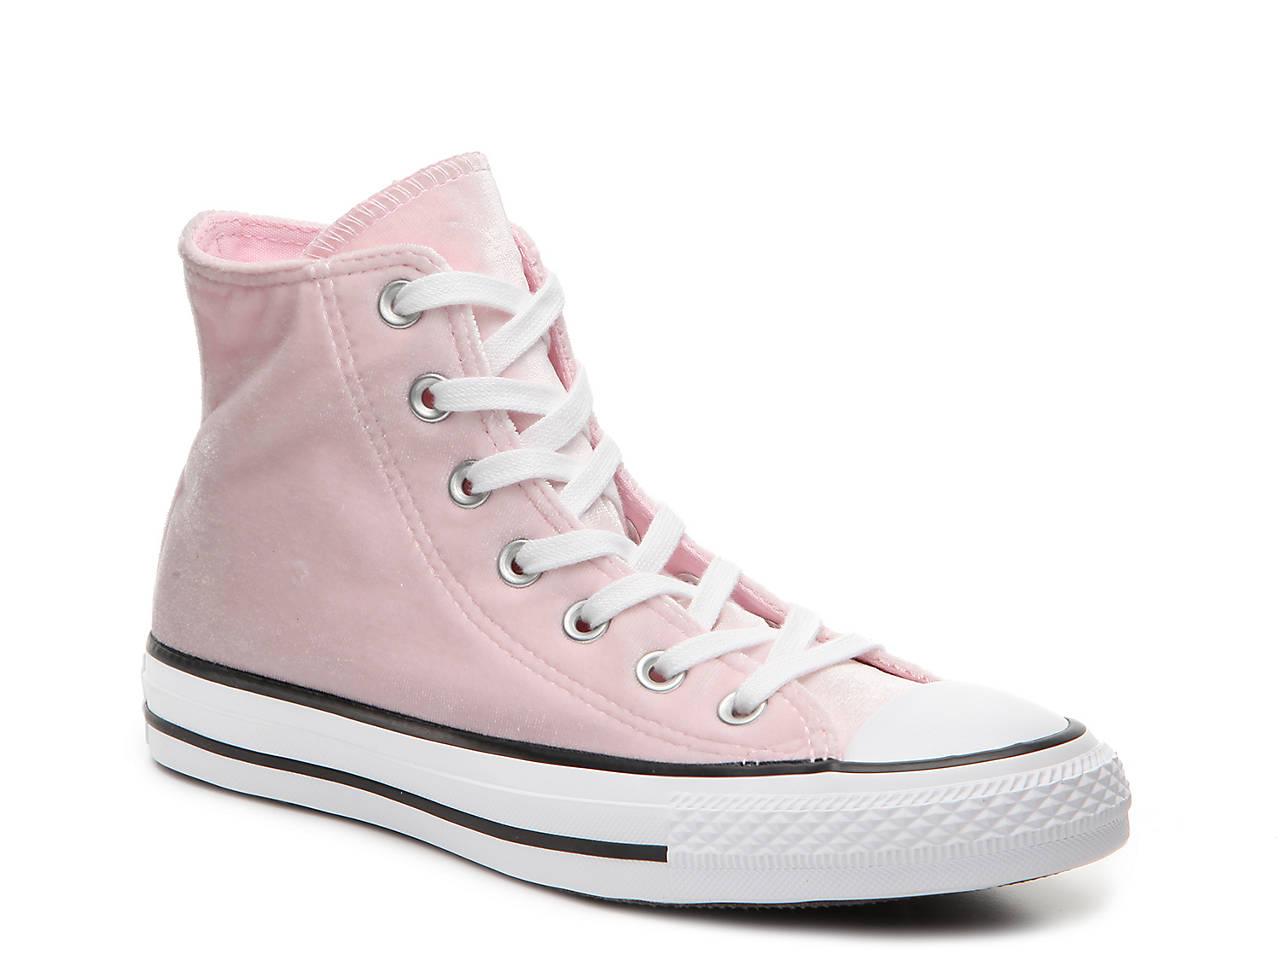 0a63d870c21085 Converse Chuck Taylor All Star Velvet High-Top Sneaker - Women s ...